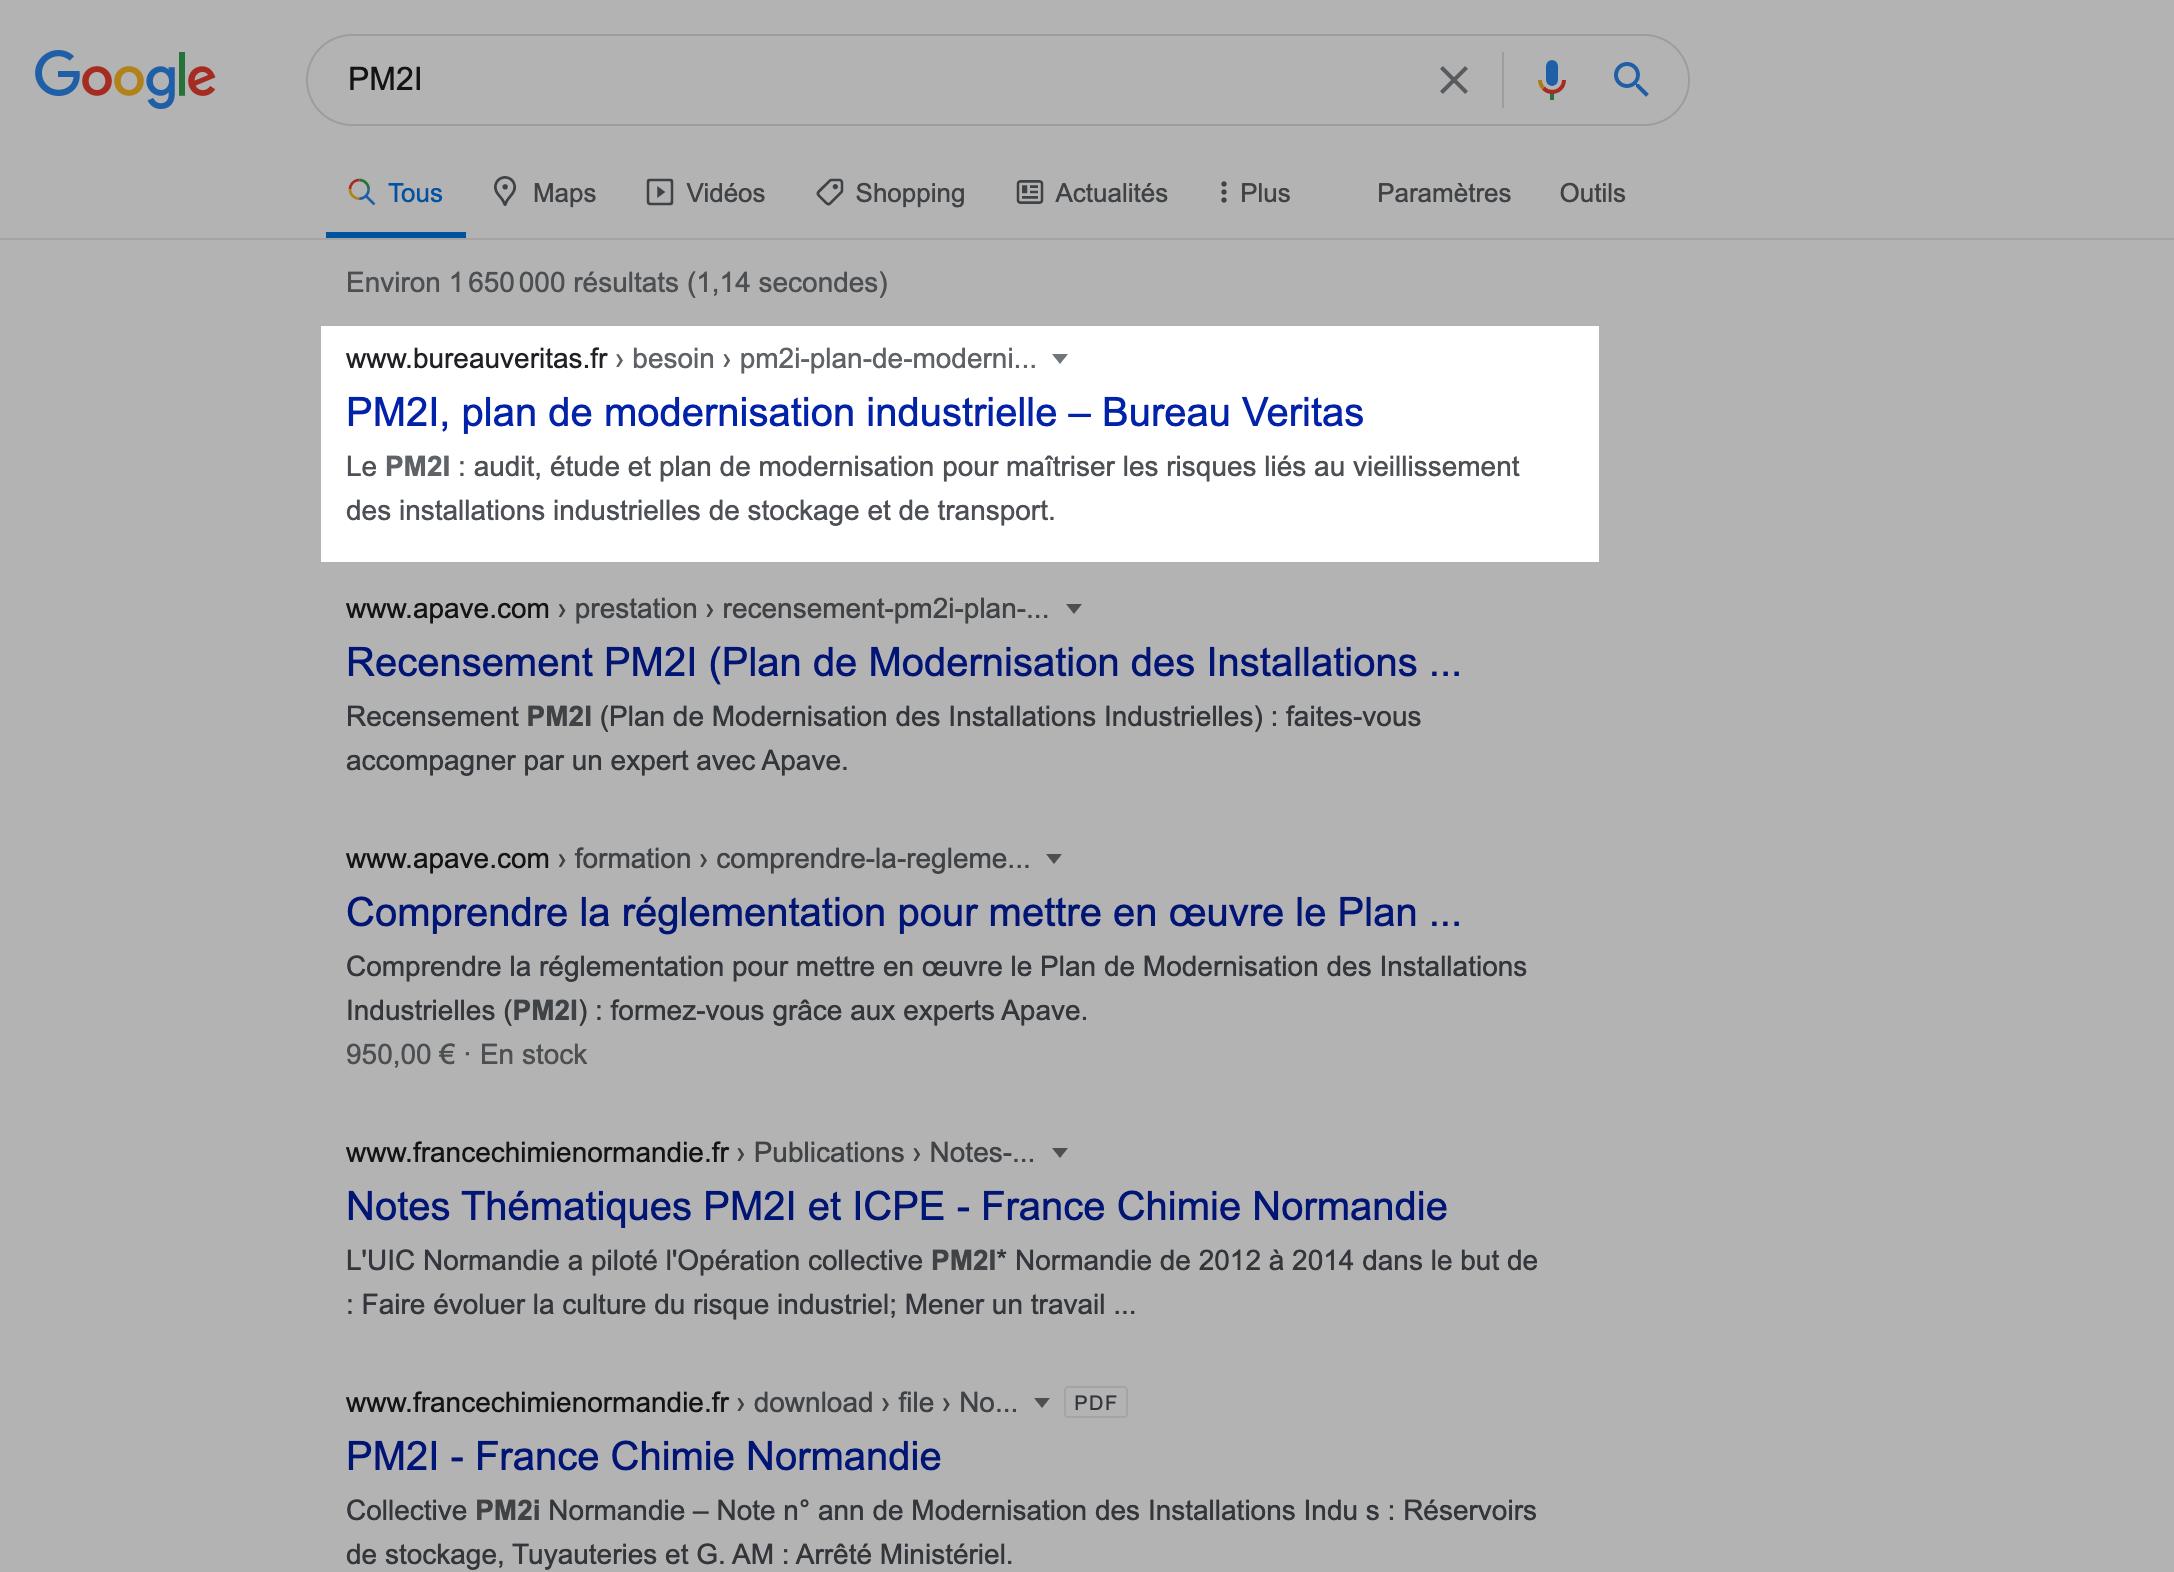 Remontée dans les résultats de recherches pour le SEO de la page optimisée sur la modernisation du site de Bureau Veritas par Digilia